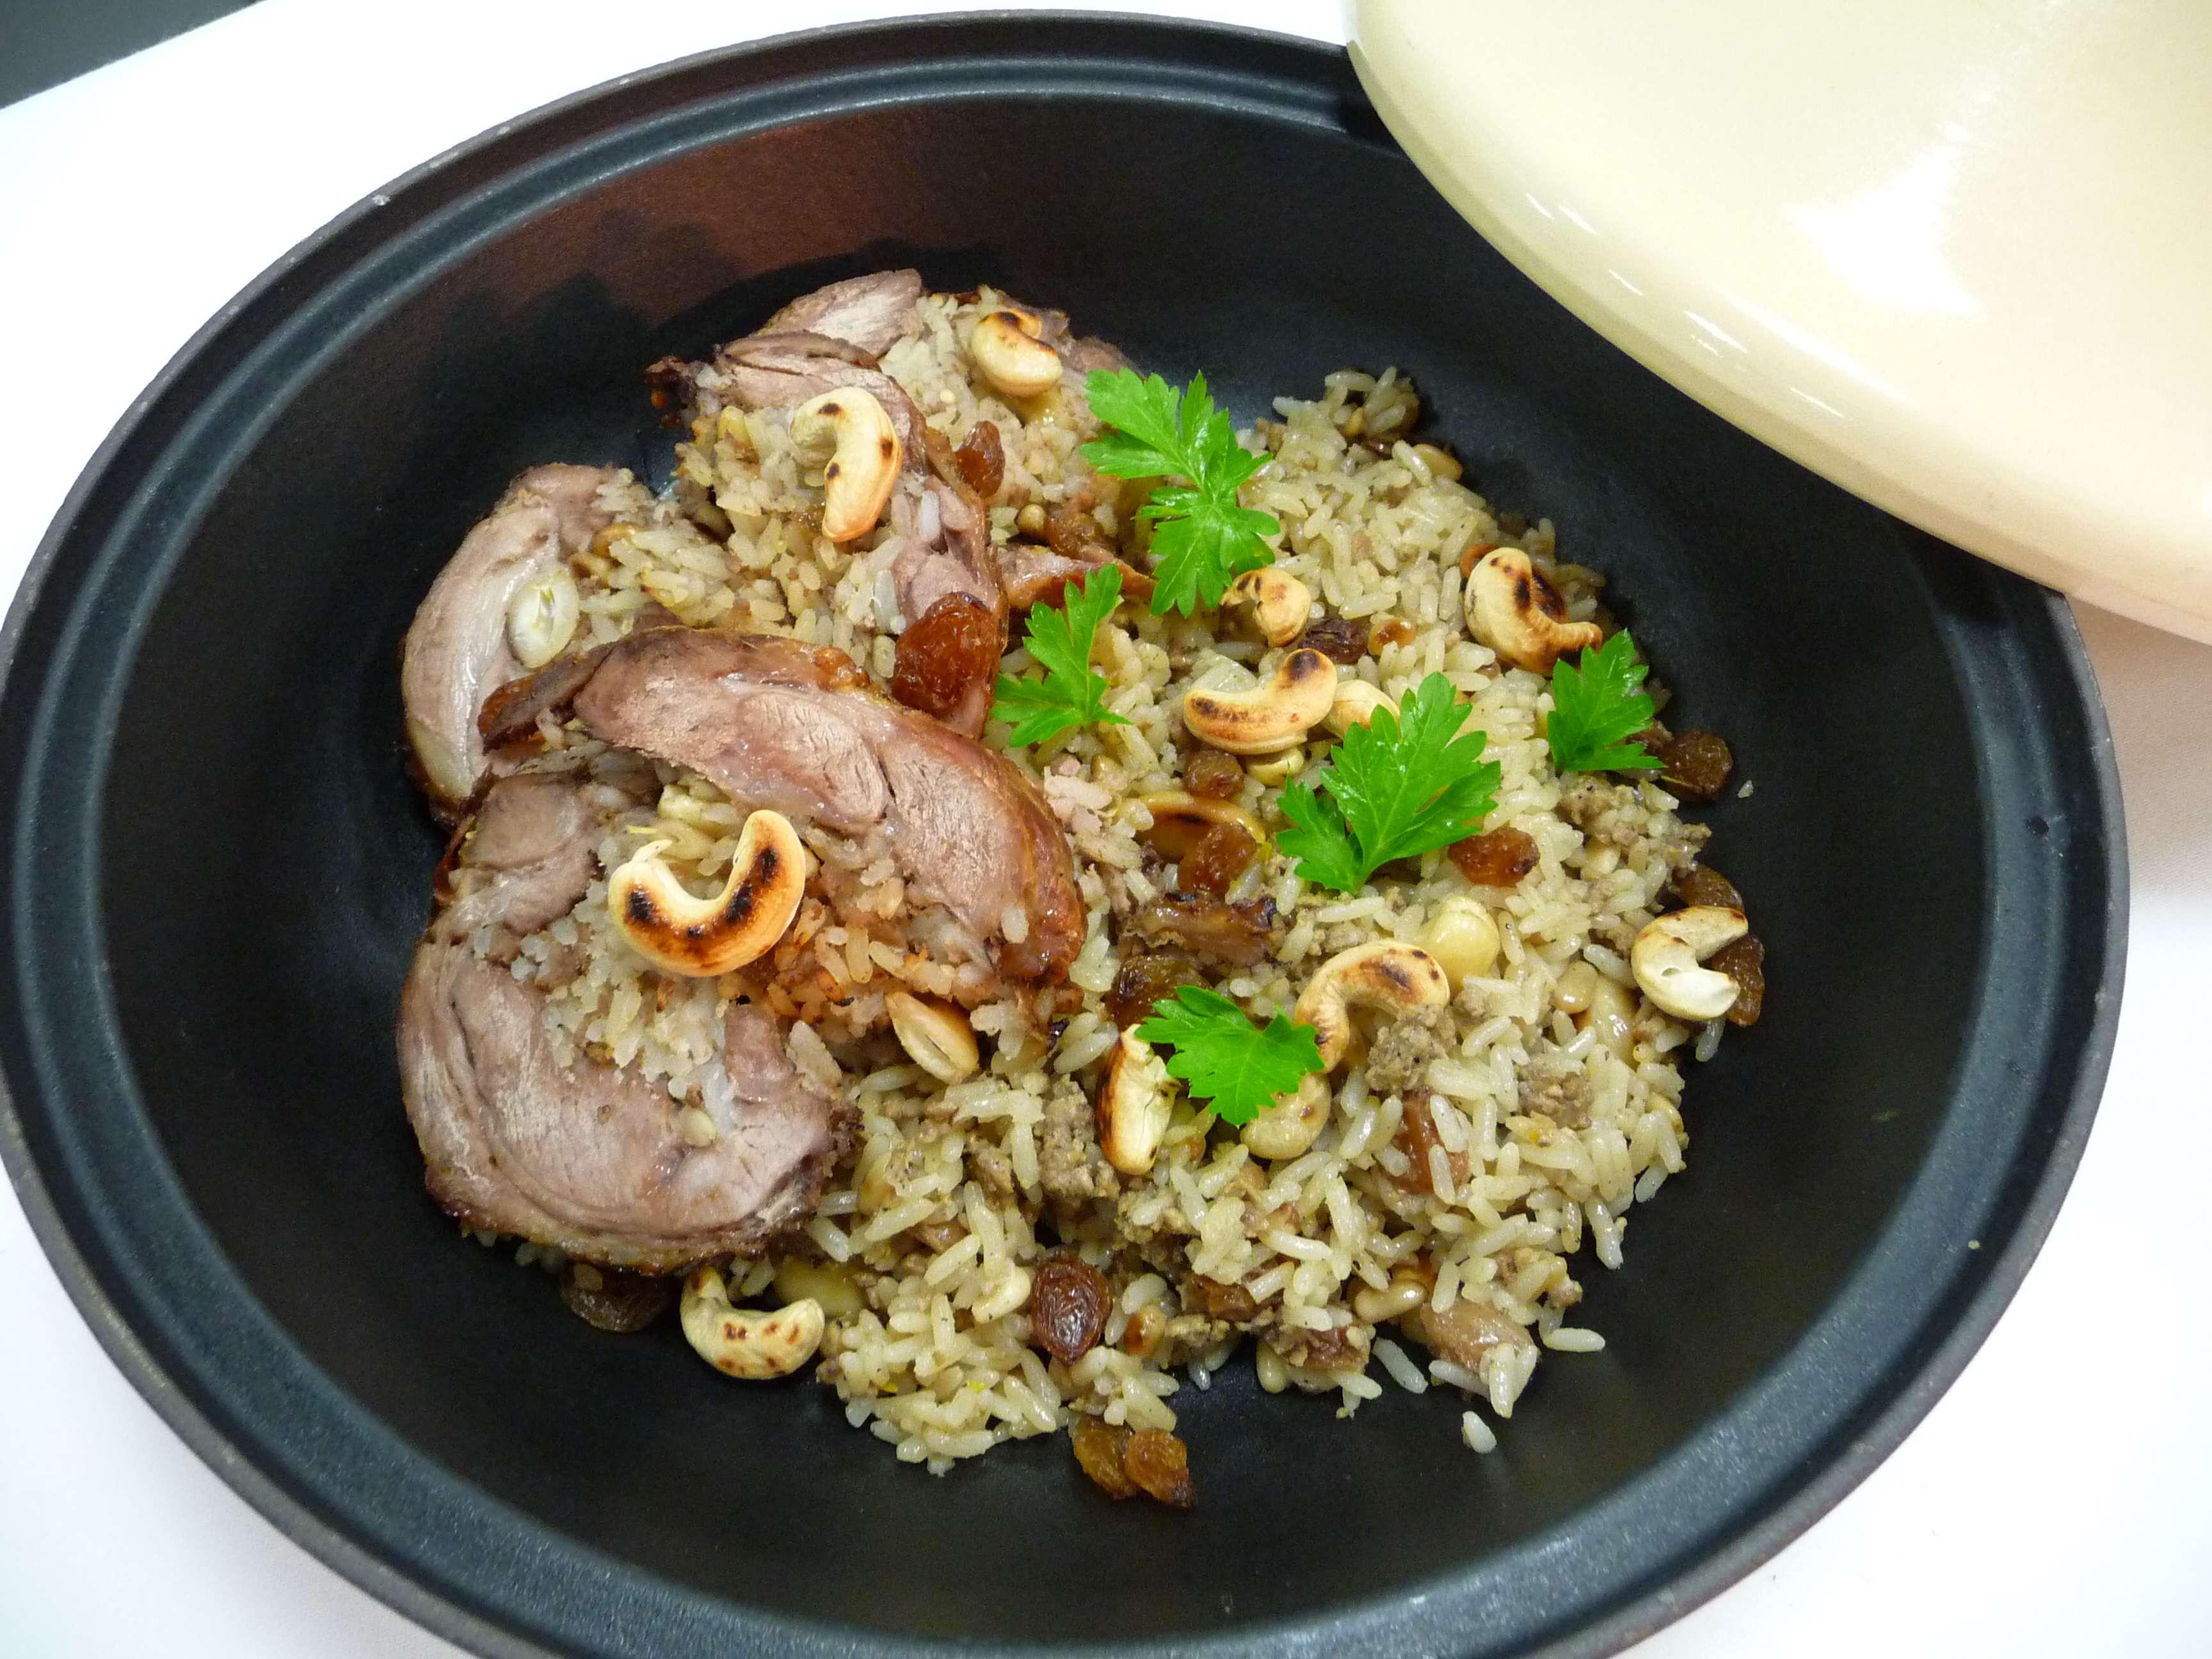 Αρνάκι γεμιστό με ρύζι μυρωδικών και κάσιους